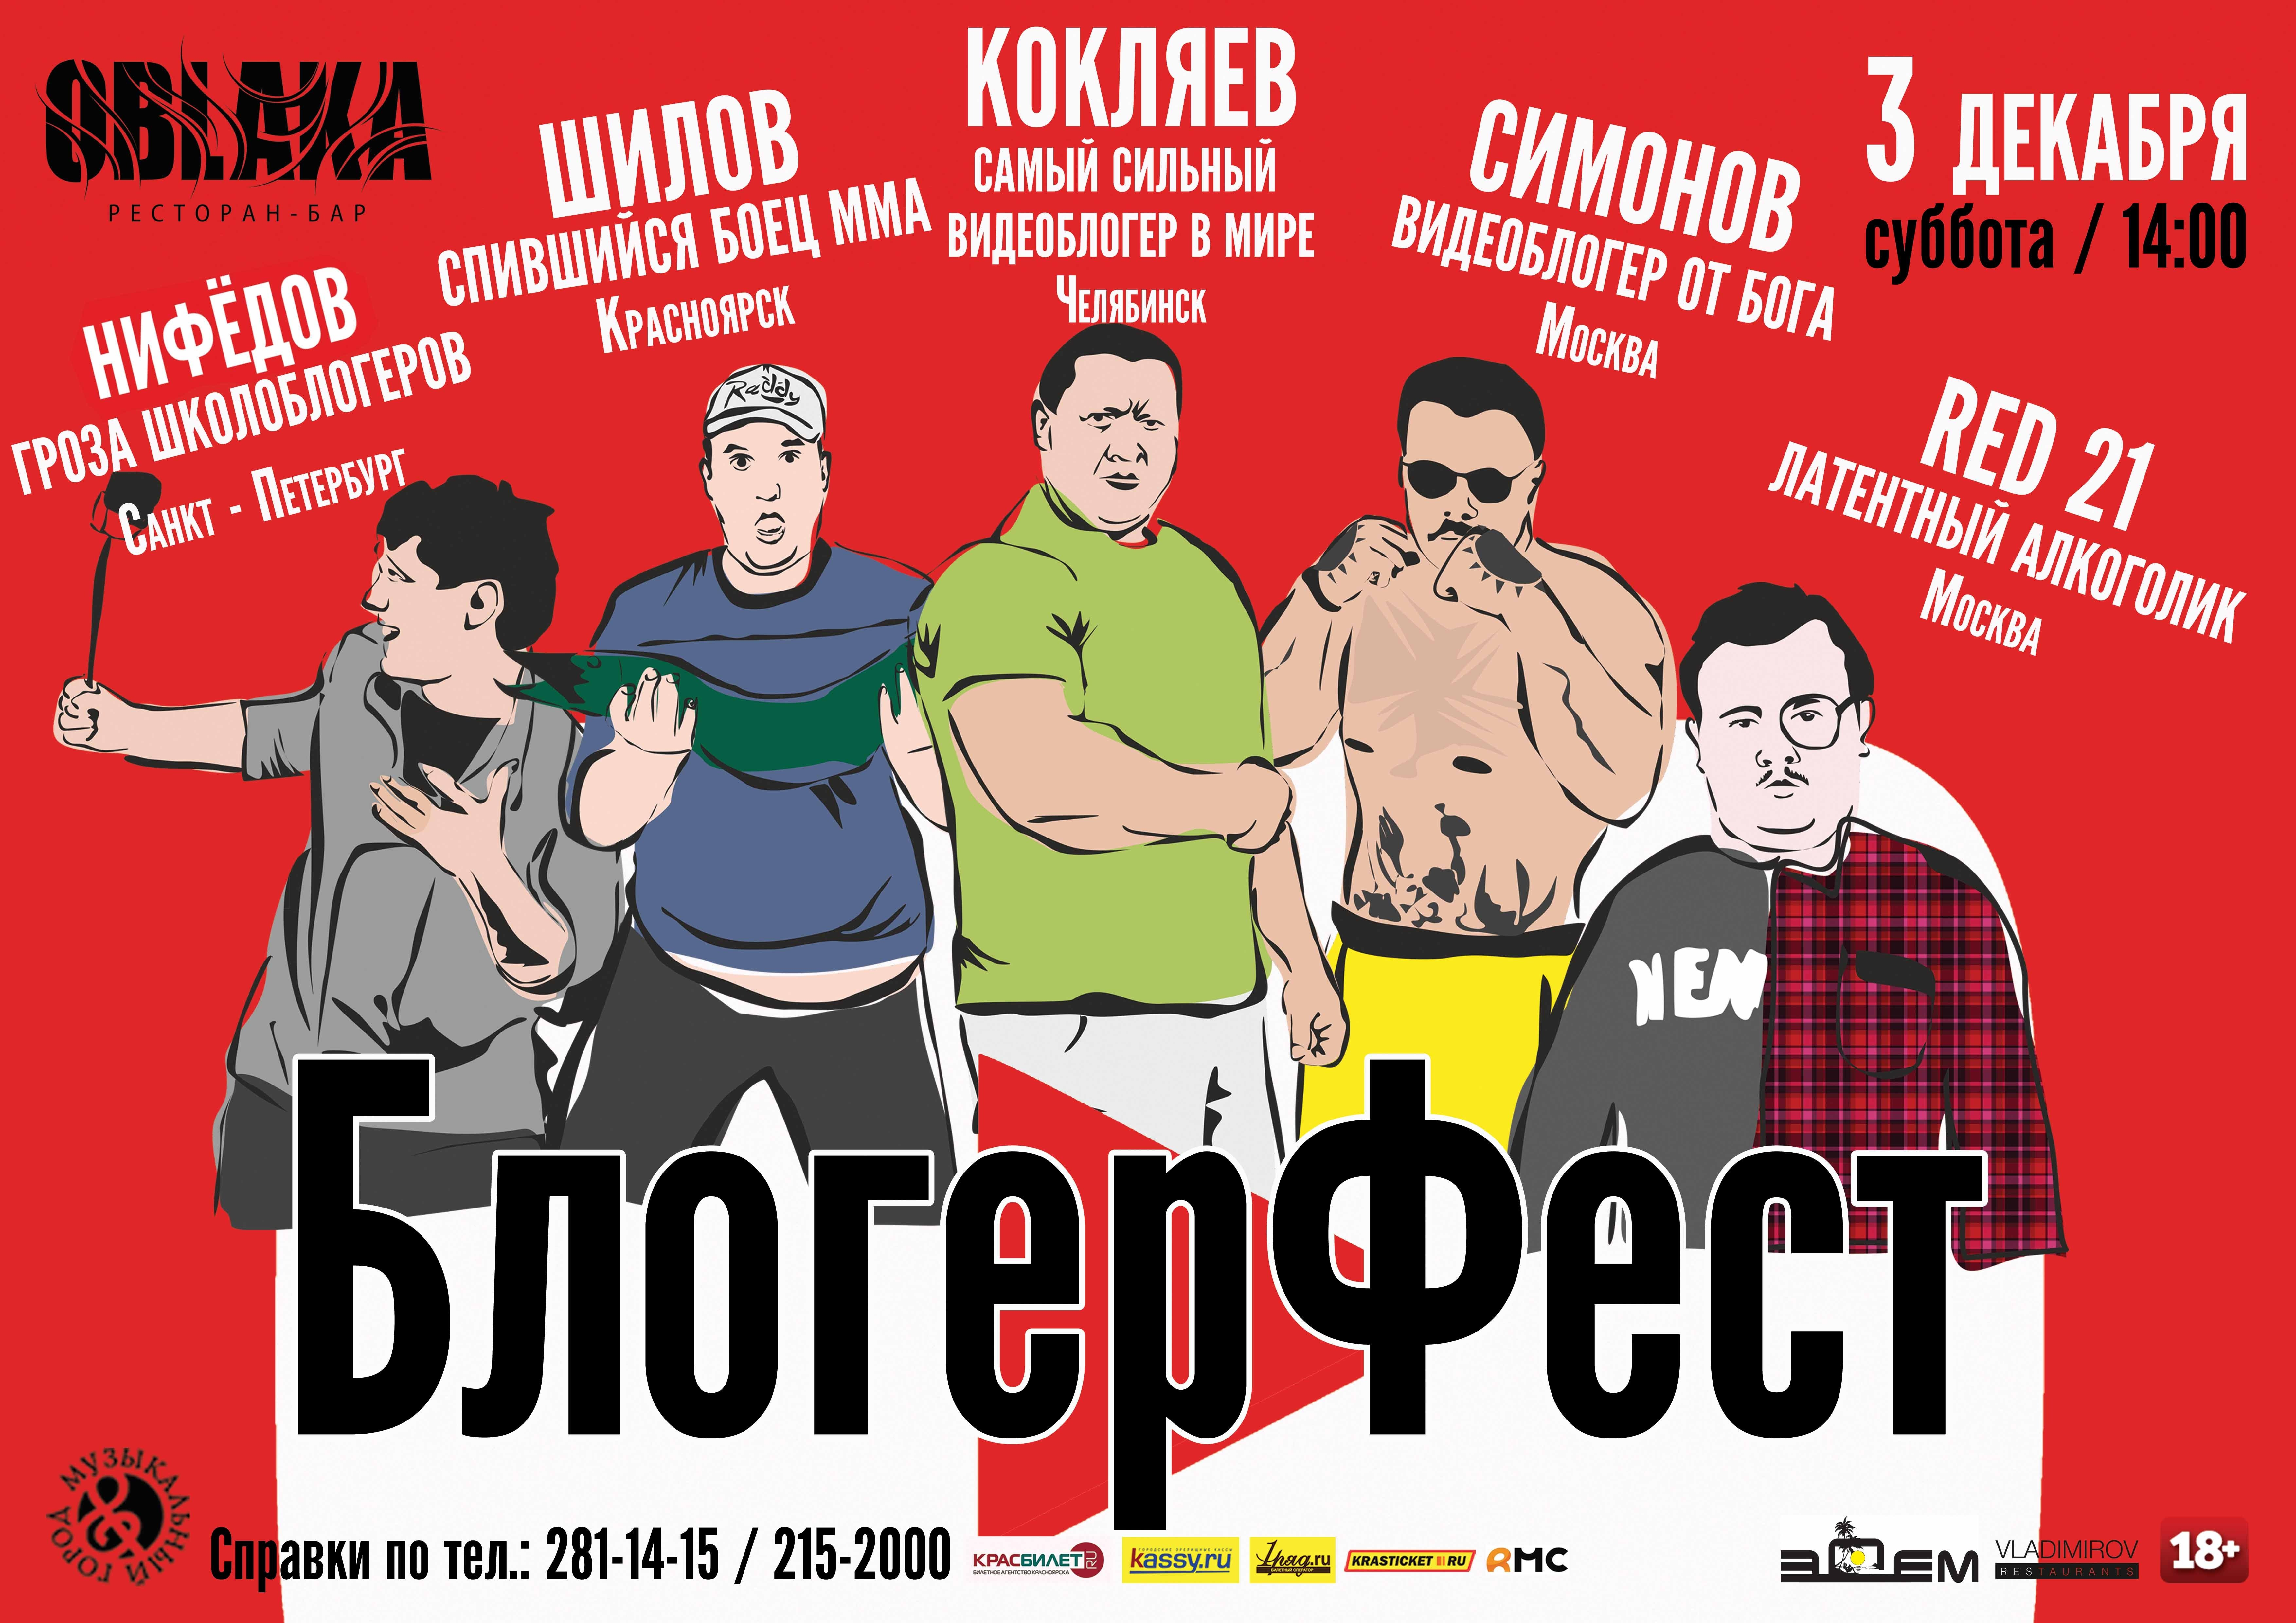 Афиша спектаклей в Москве. Афиша театров Москвы на 2017 год.